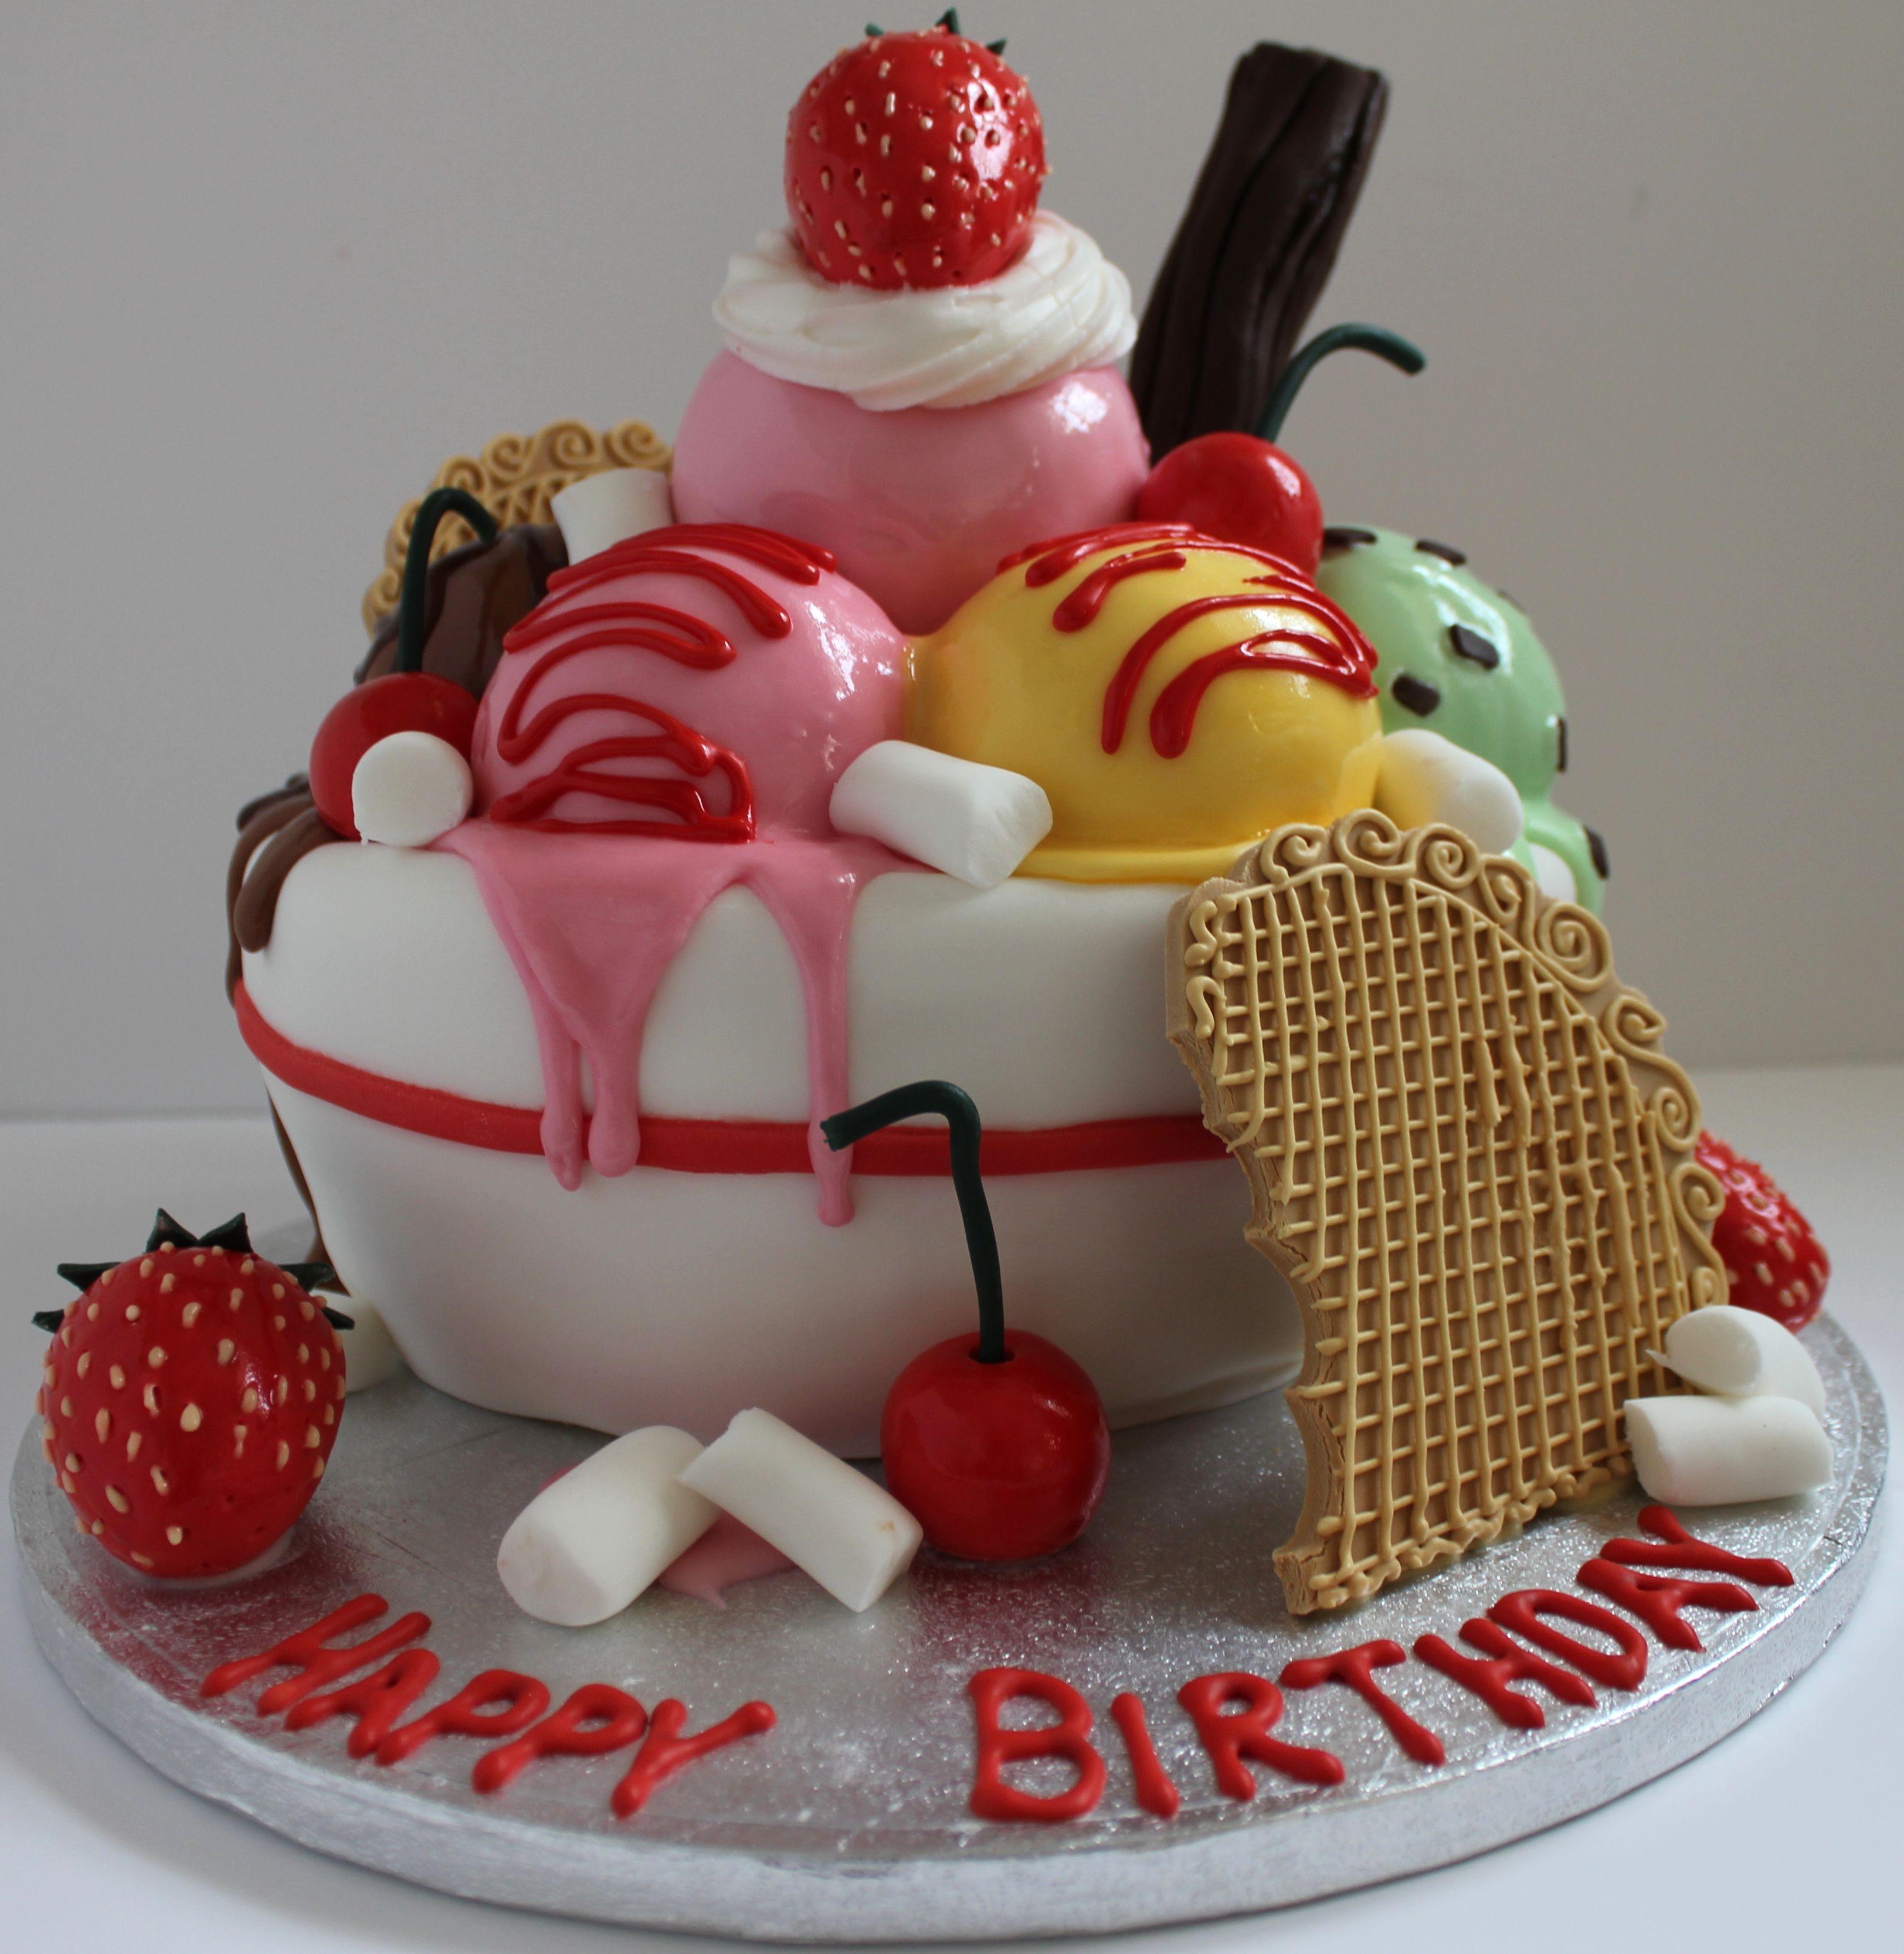 An Icecream Sundae Birthday Cake Follow Me On Facebook